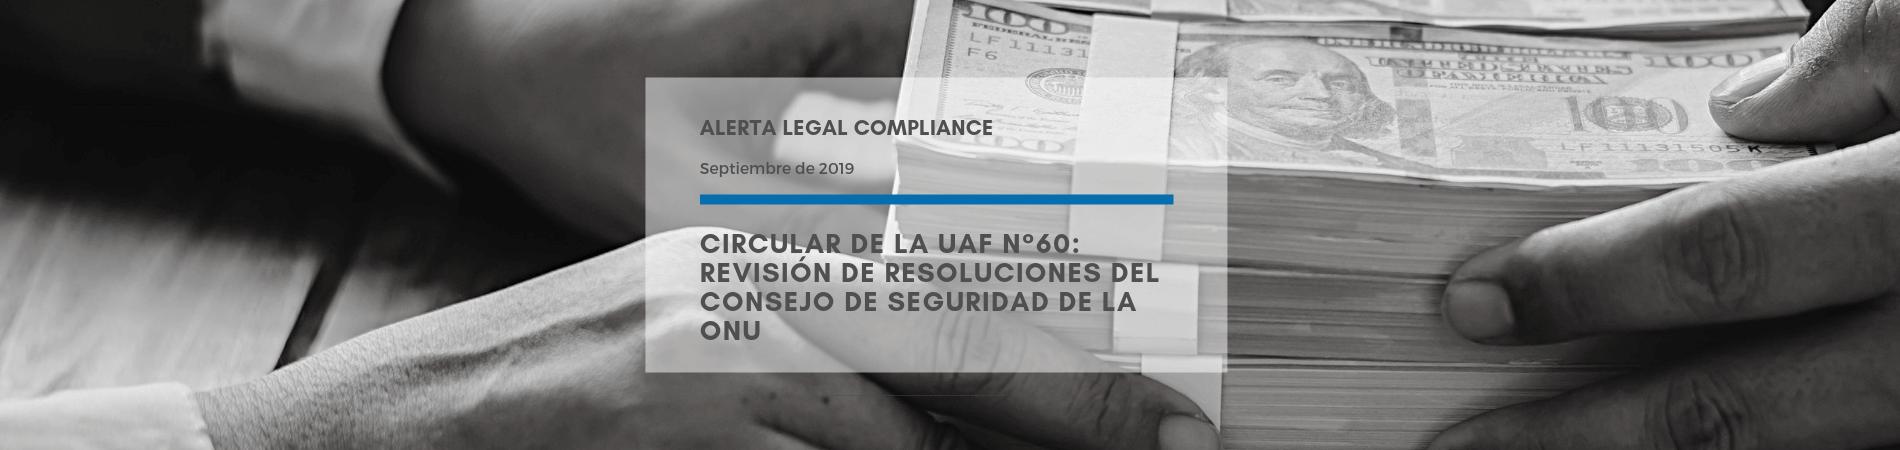 Alerta Legal | Circular UAF N° 60: Revisión de resoluciones del consejo de seguridad de la ONU